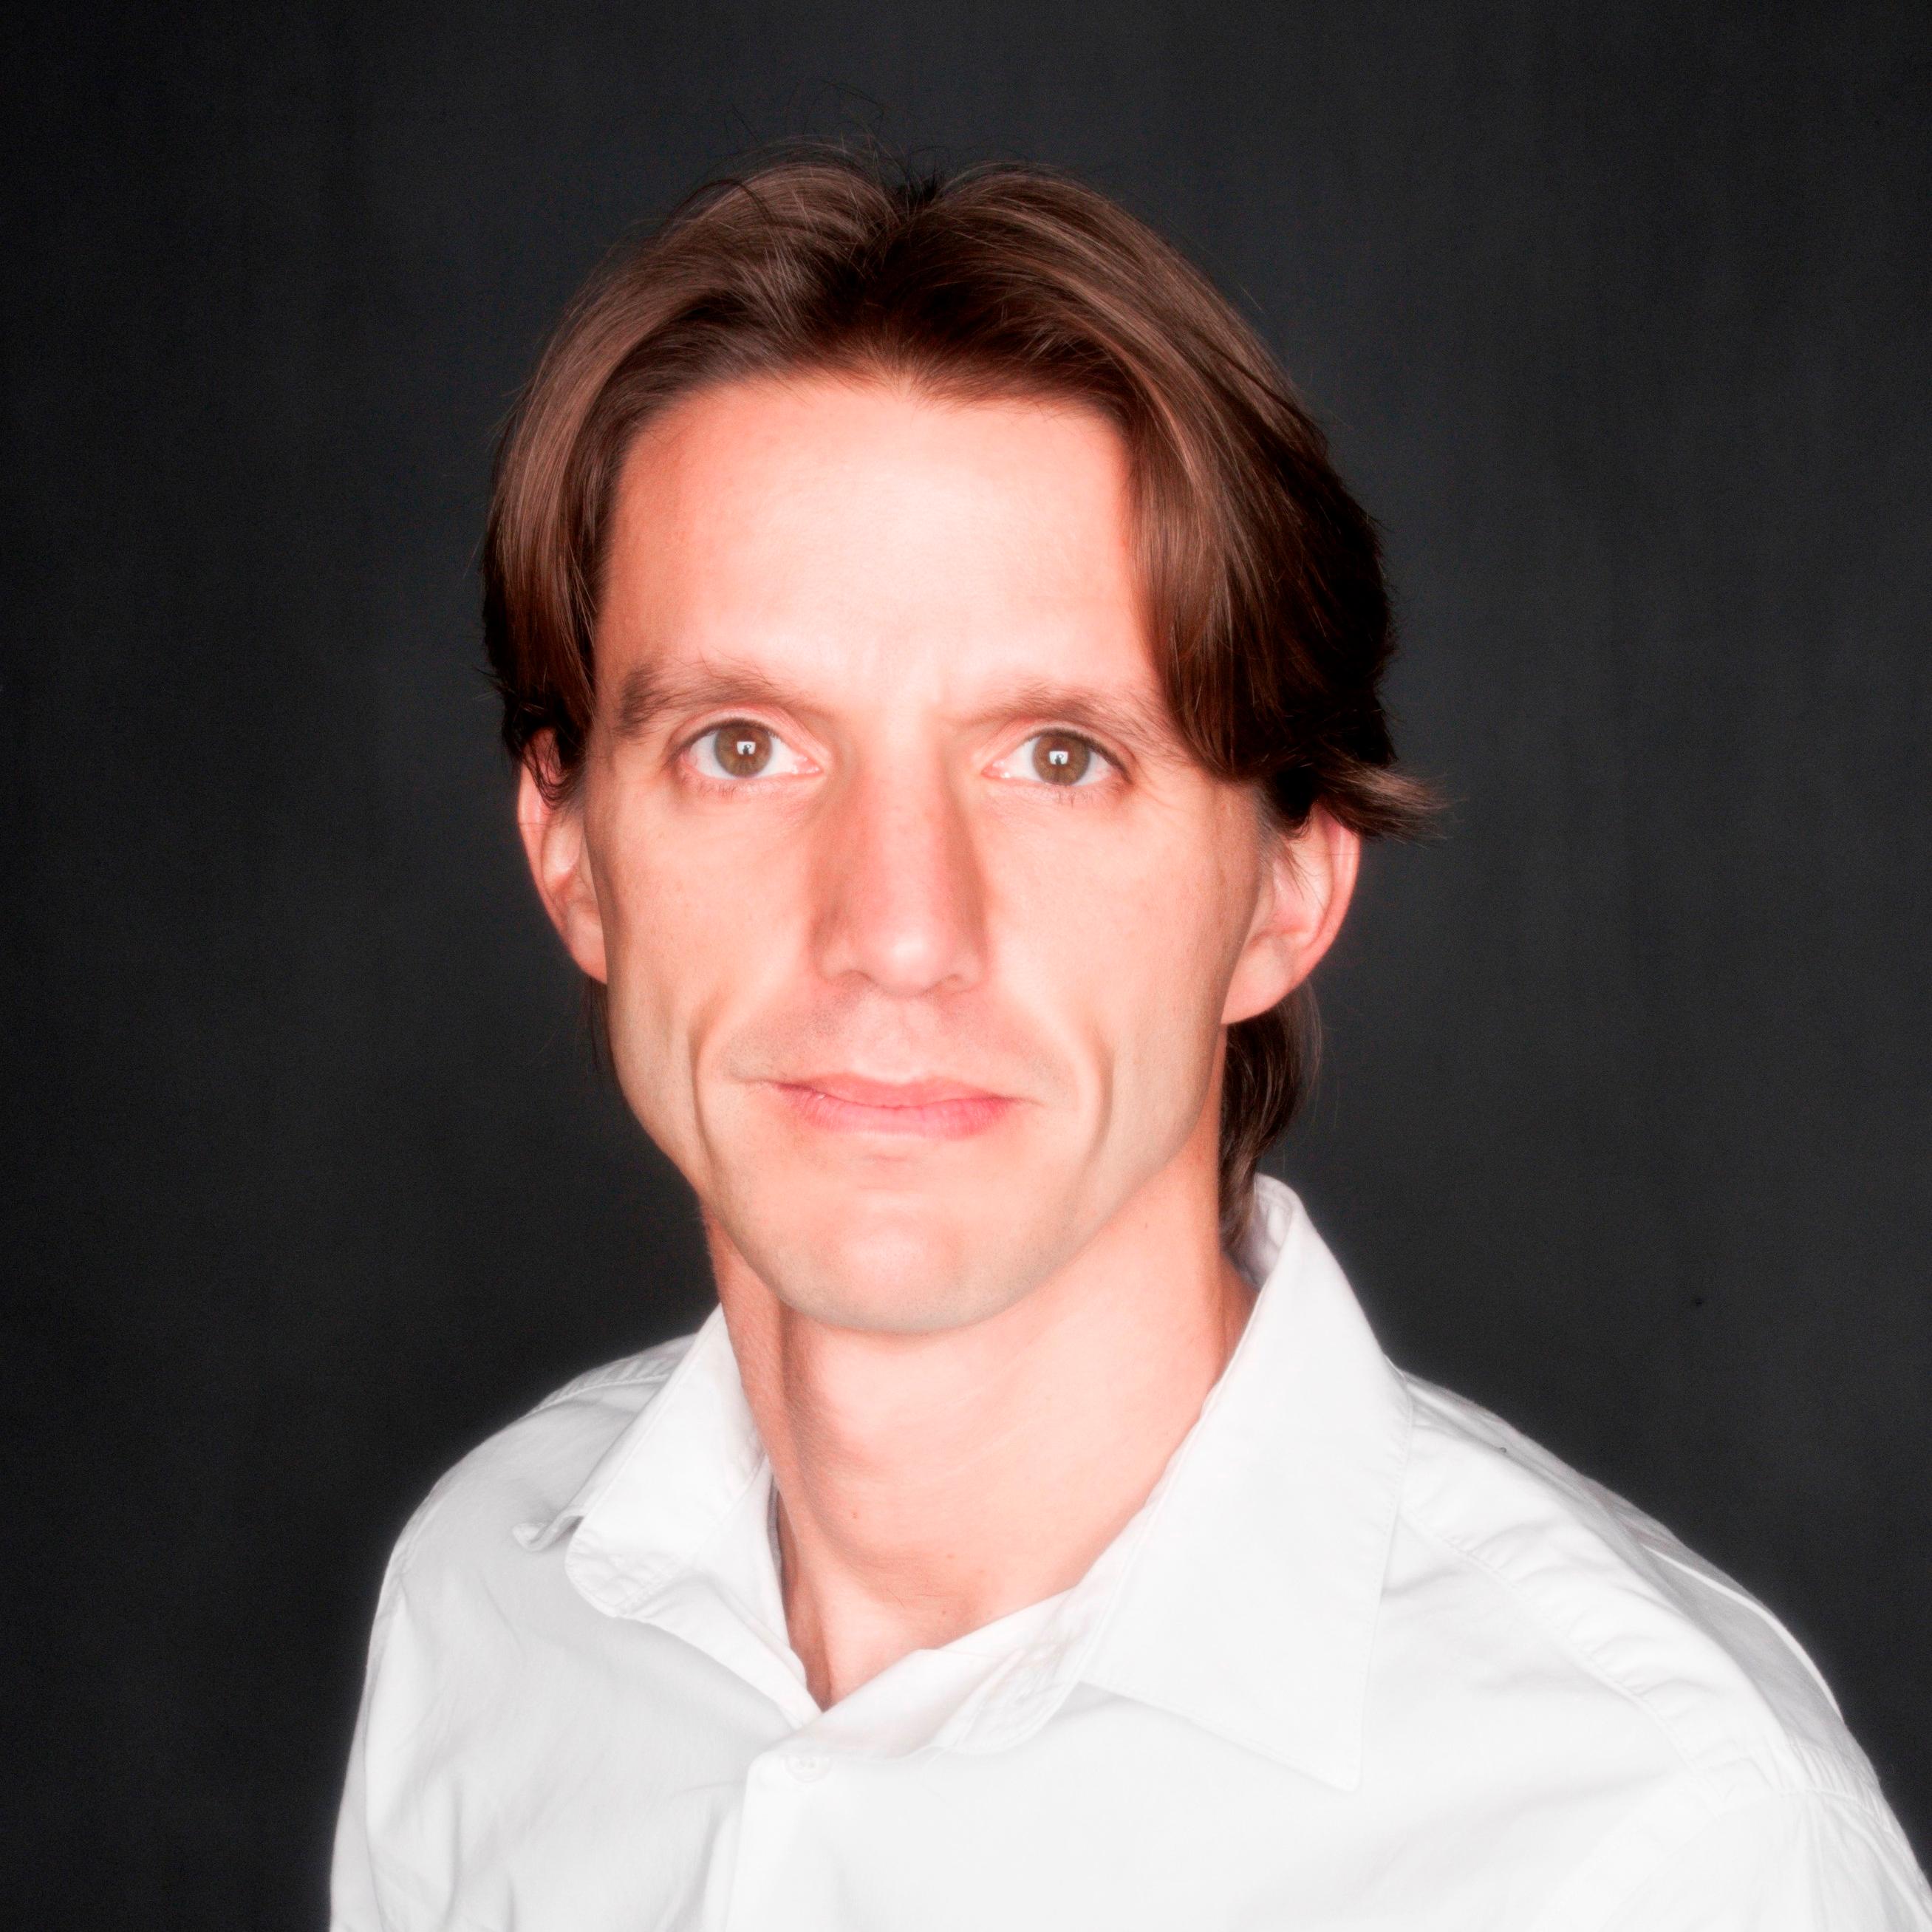 Xavi Cortadellas, Head of Innovation and Design at Gatorade